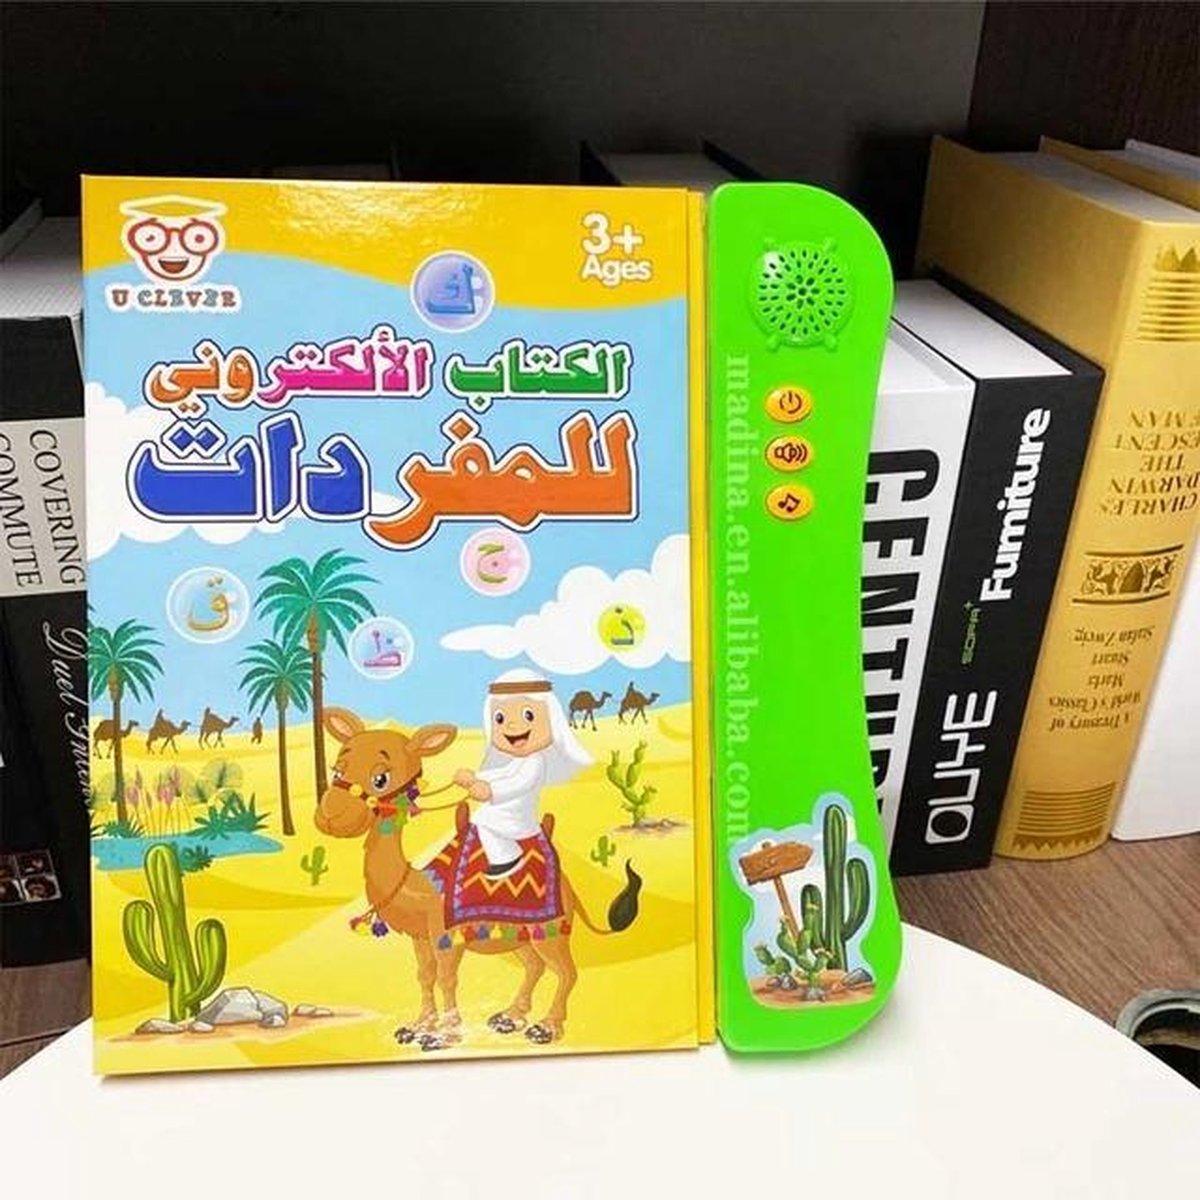 Mijn eerste woordjes Arabisch e-book elektronisch leerboek talen leren voor kinderen